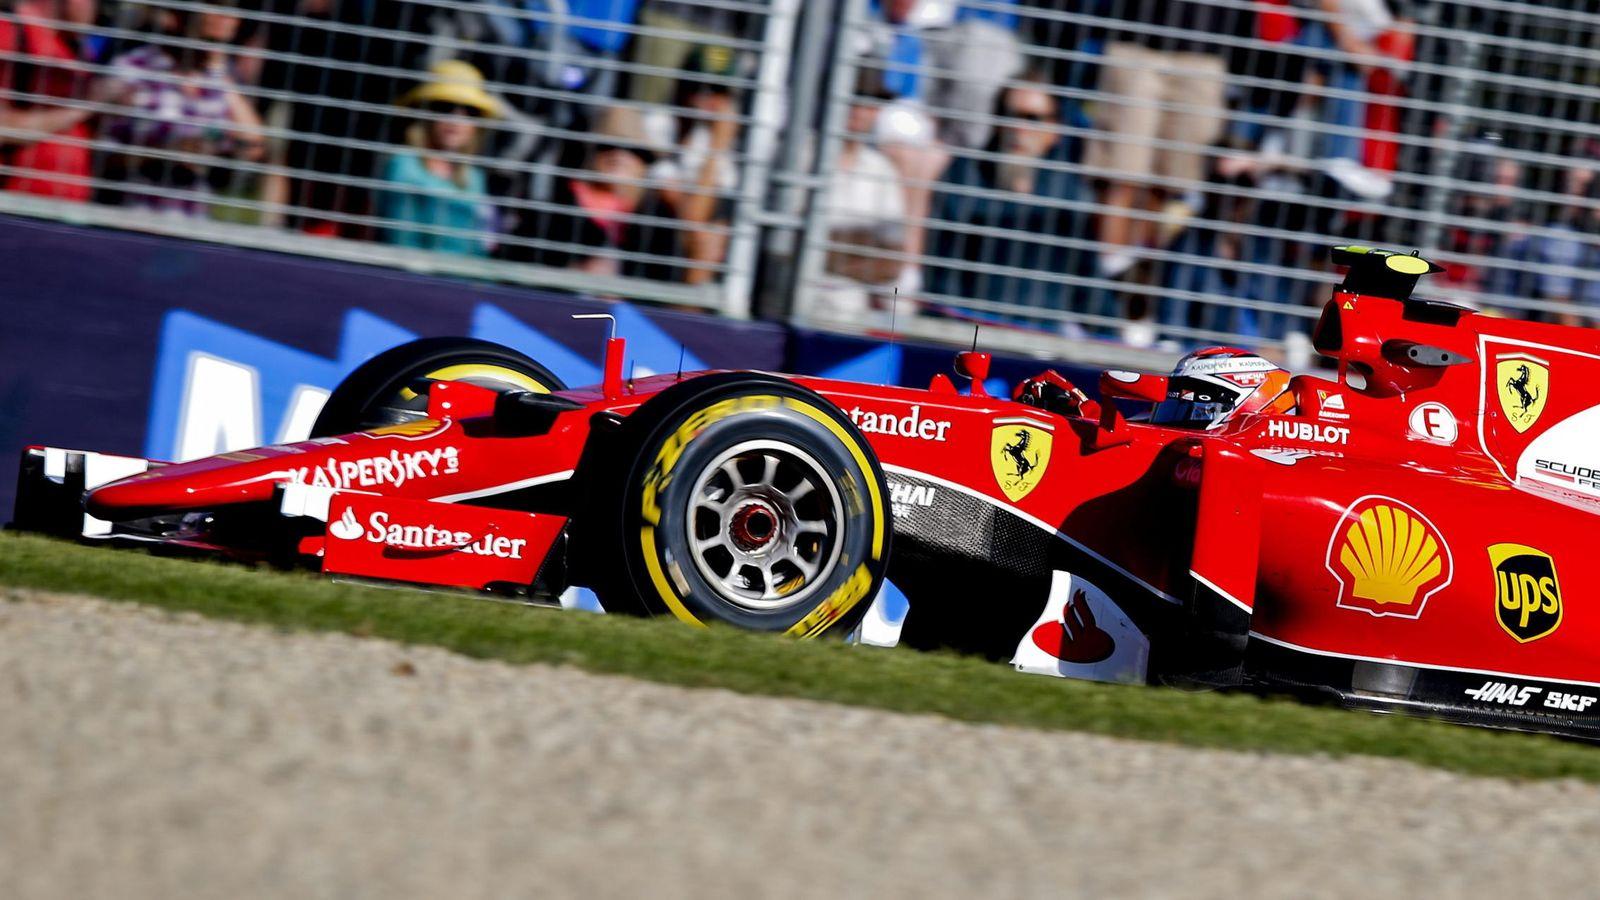 | F1 16 T.XV | Plazos para el GP Australia Horarios-y-television-en-espana-del-gran-premio-de-australia-de-formula-1